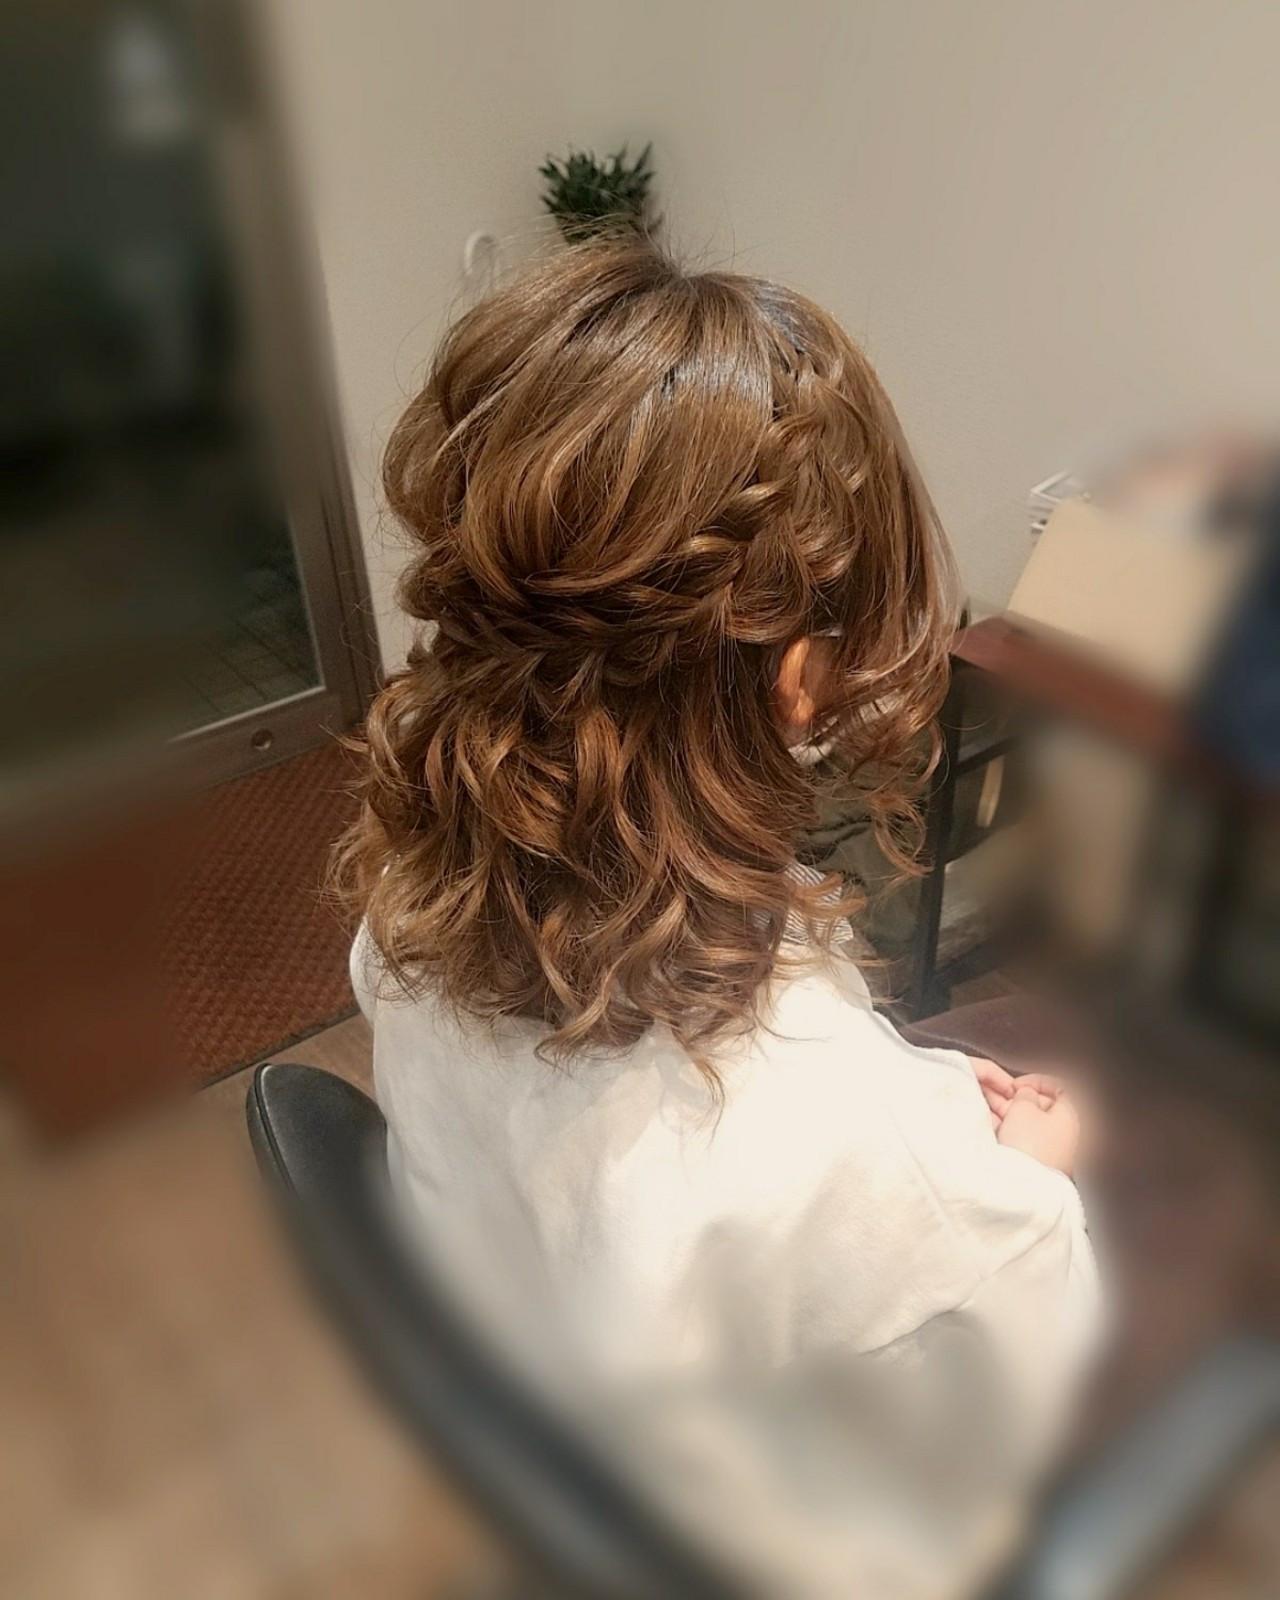 ミディアムにぴったりの髪型!ハーフアップ mai | HAIR SALON STELLA